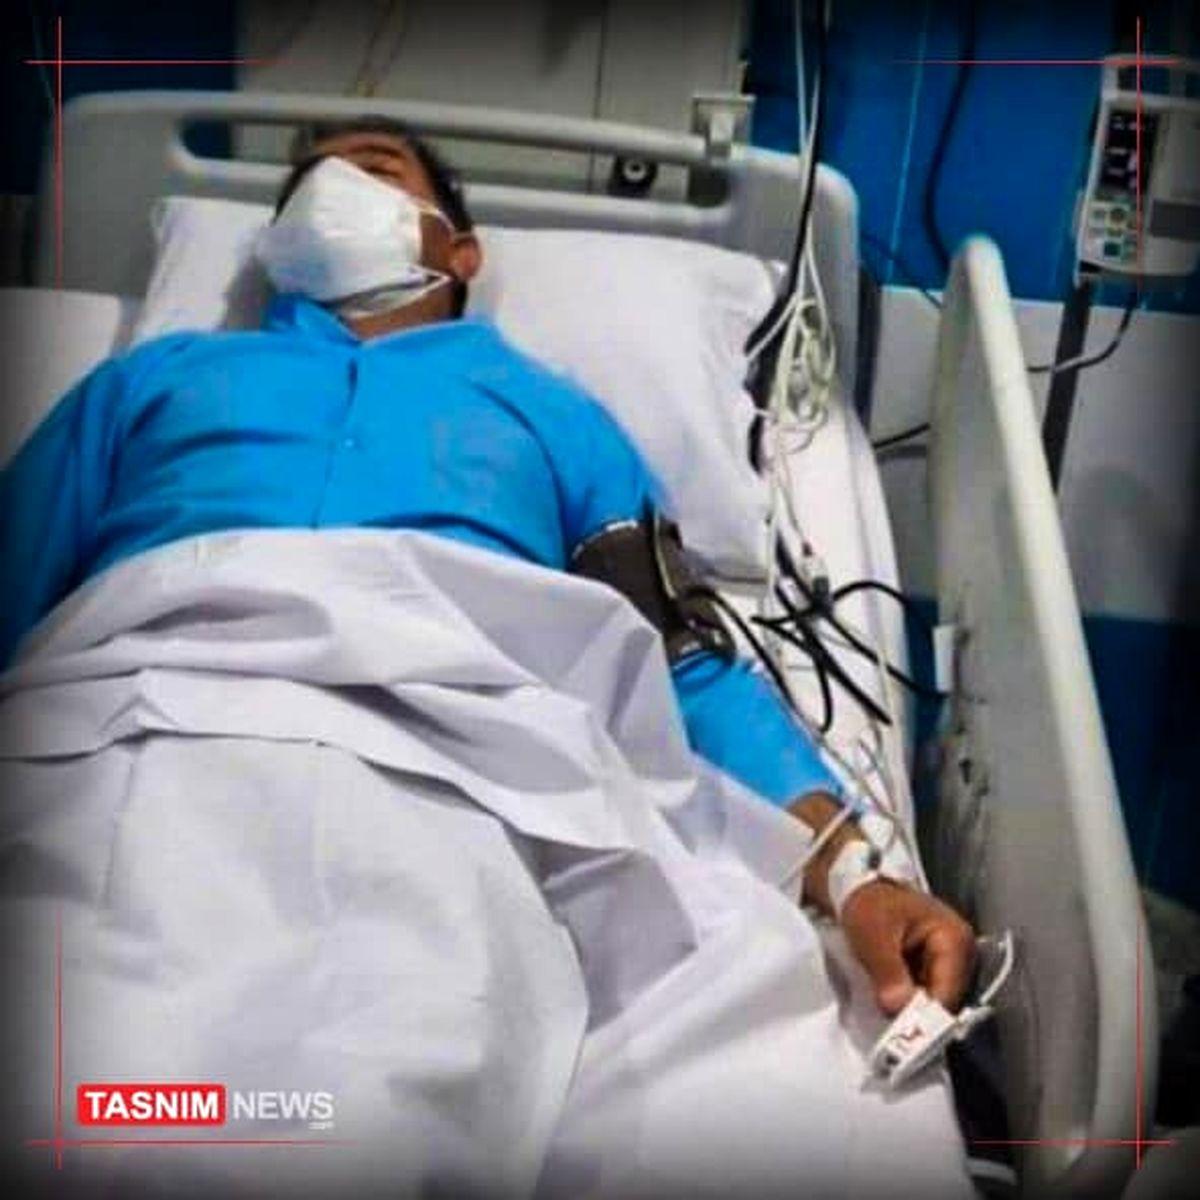 ماجرای خونریزی پزشک ایرانی پس از تزریق واکسن روسی +عکس